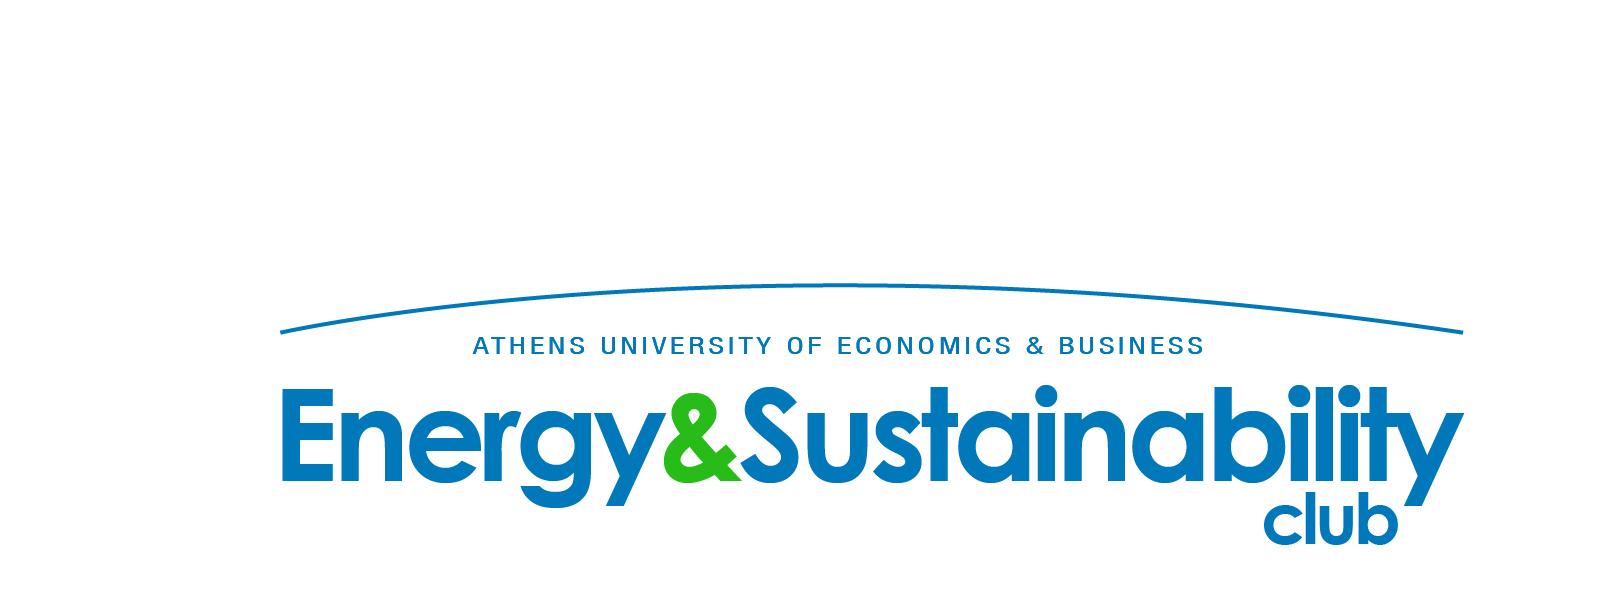 Energy & Sustainability Club